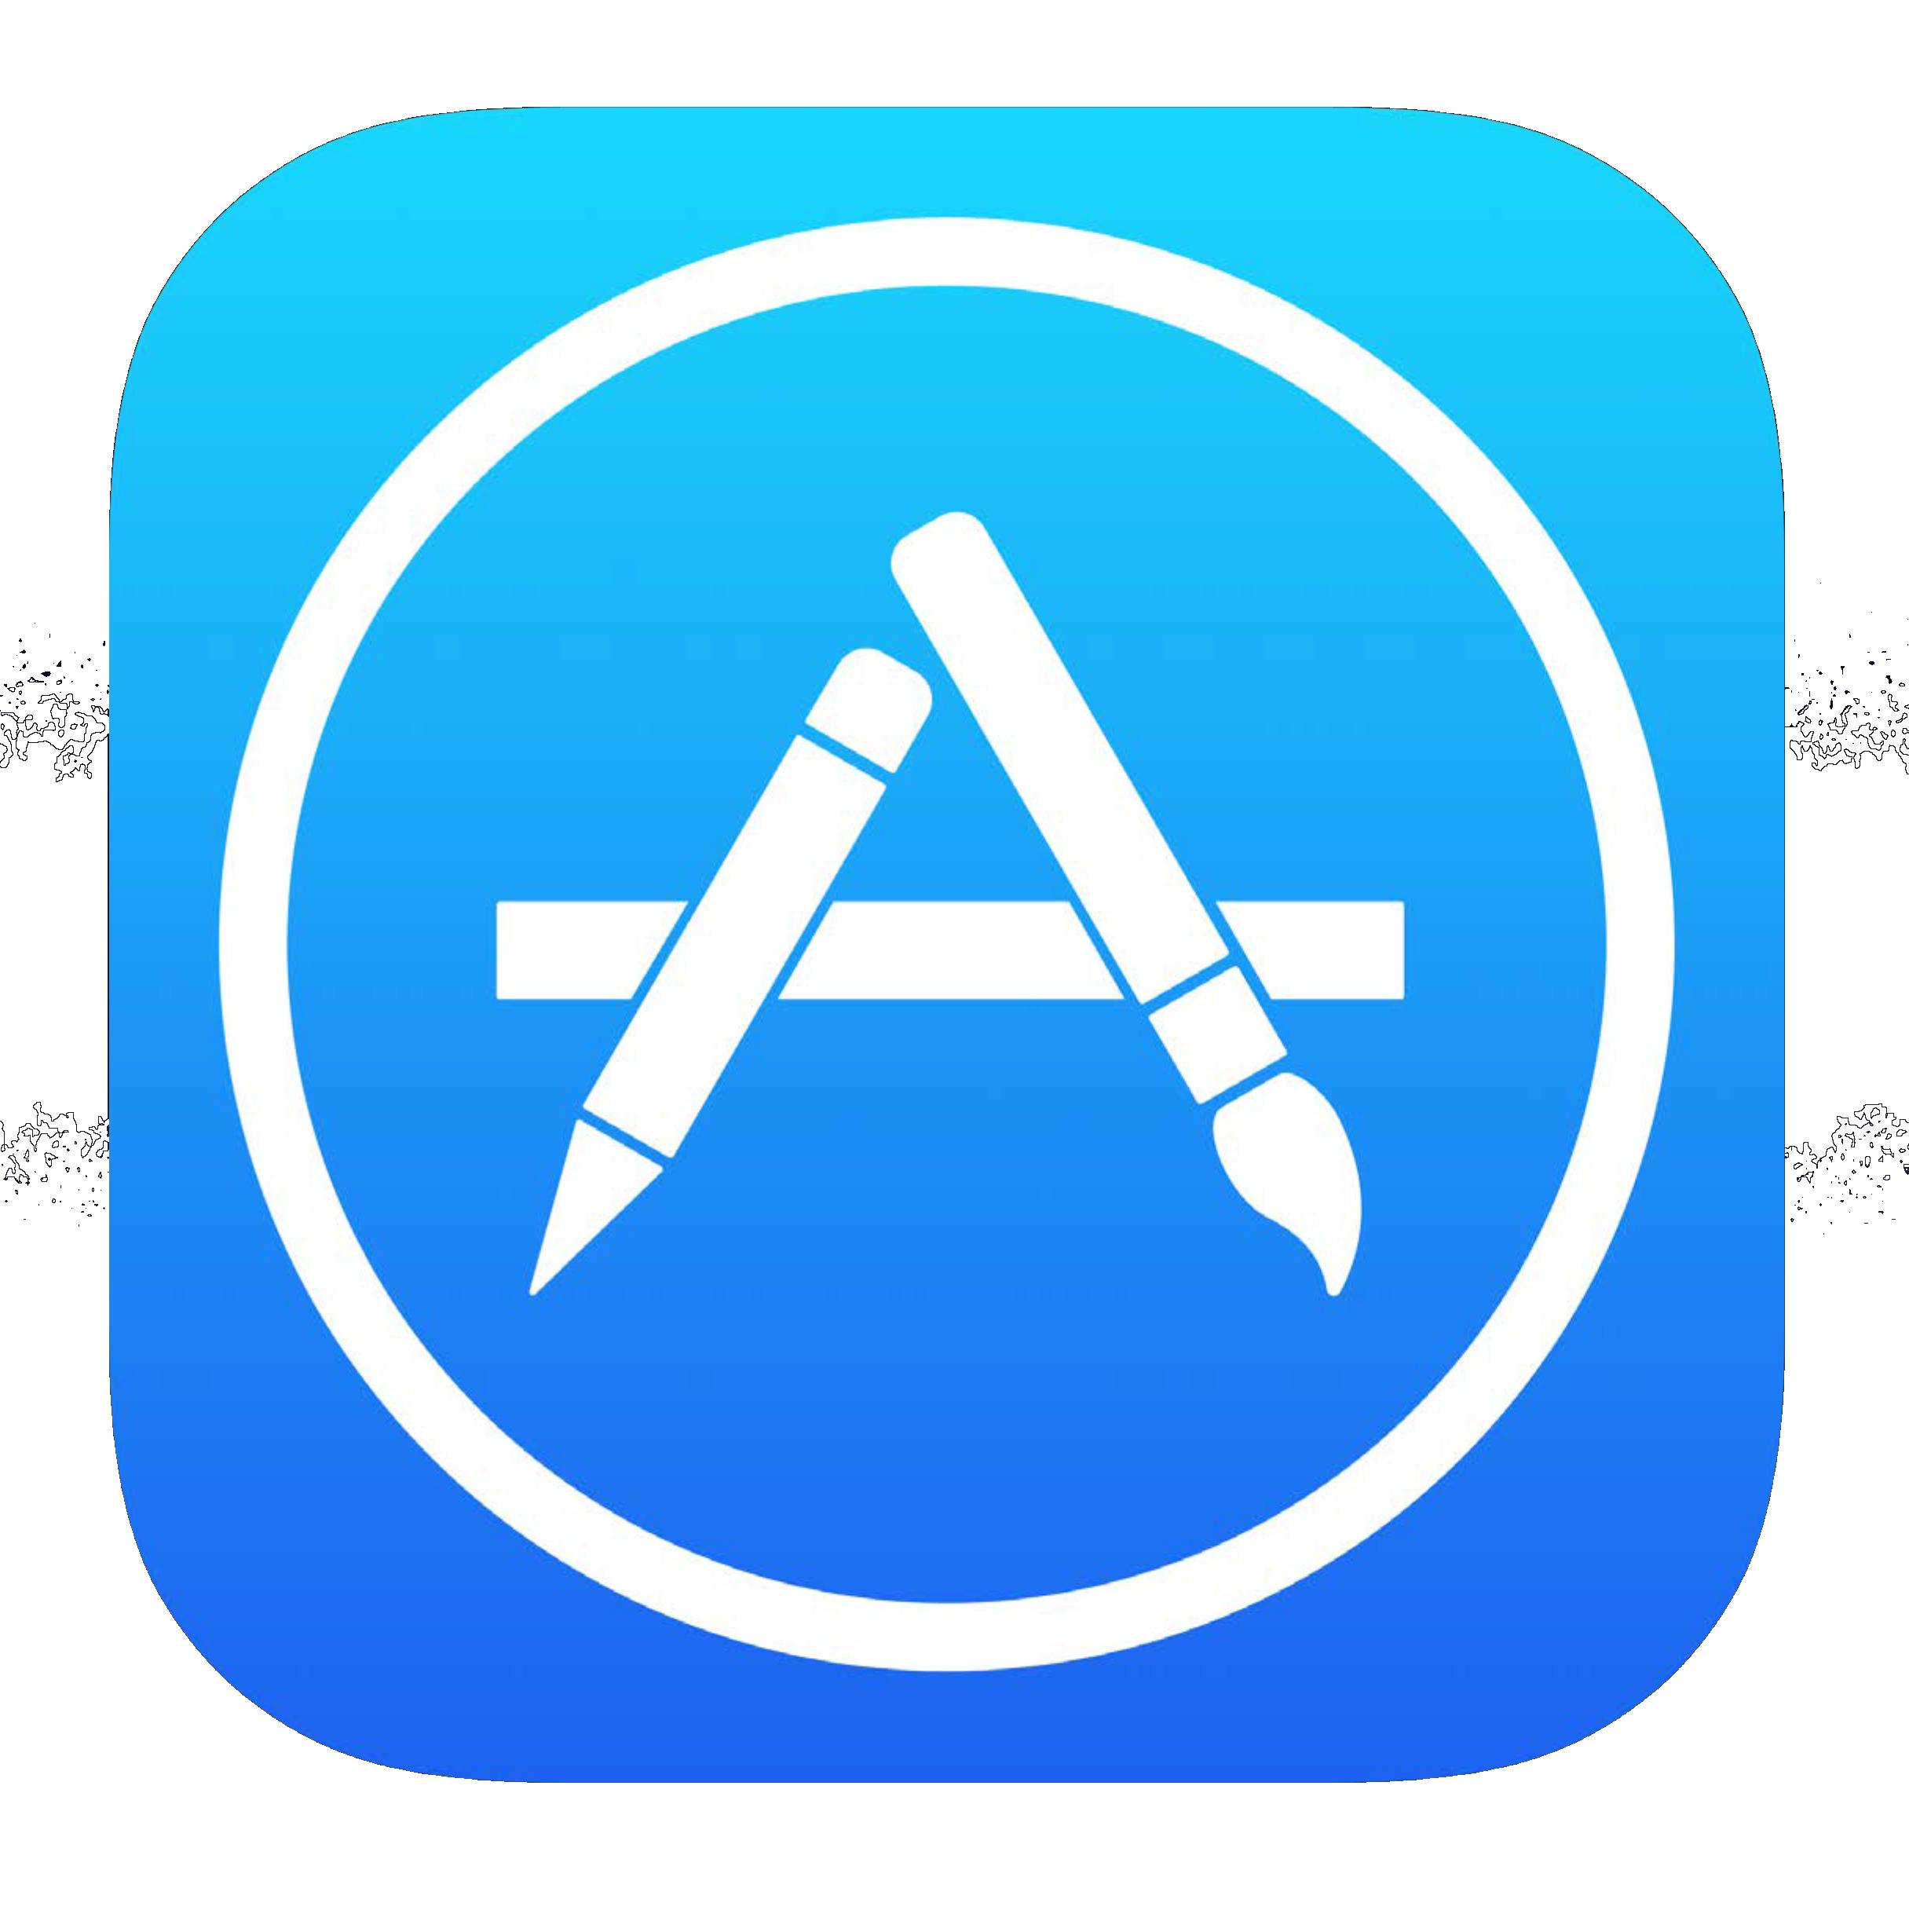 iOS-sovelluksilla tehdään rahaa – App Store tuotti peräti 30 miljardia dollaria